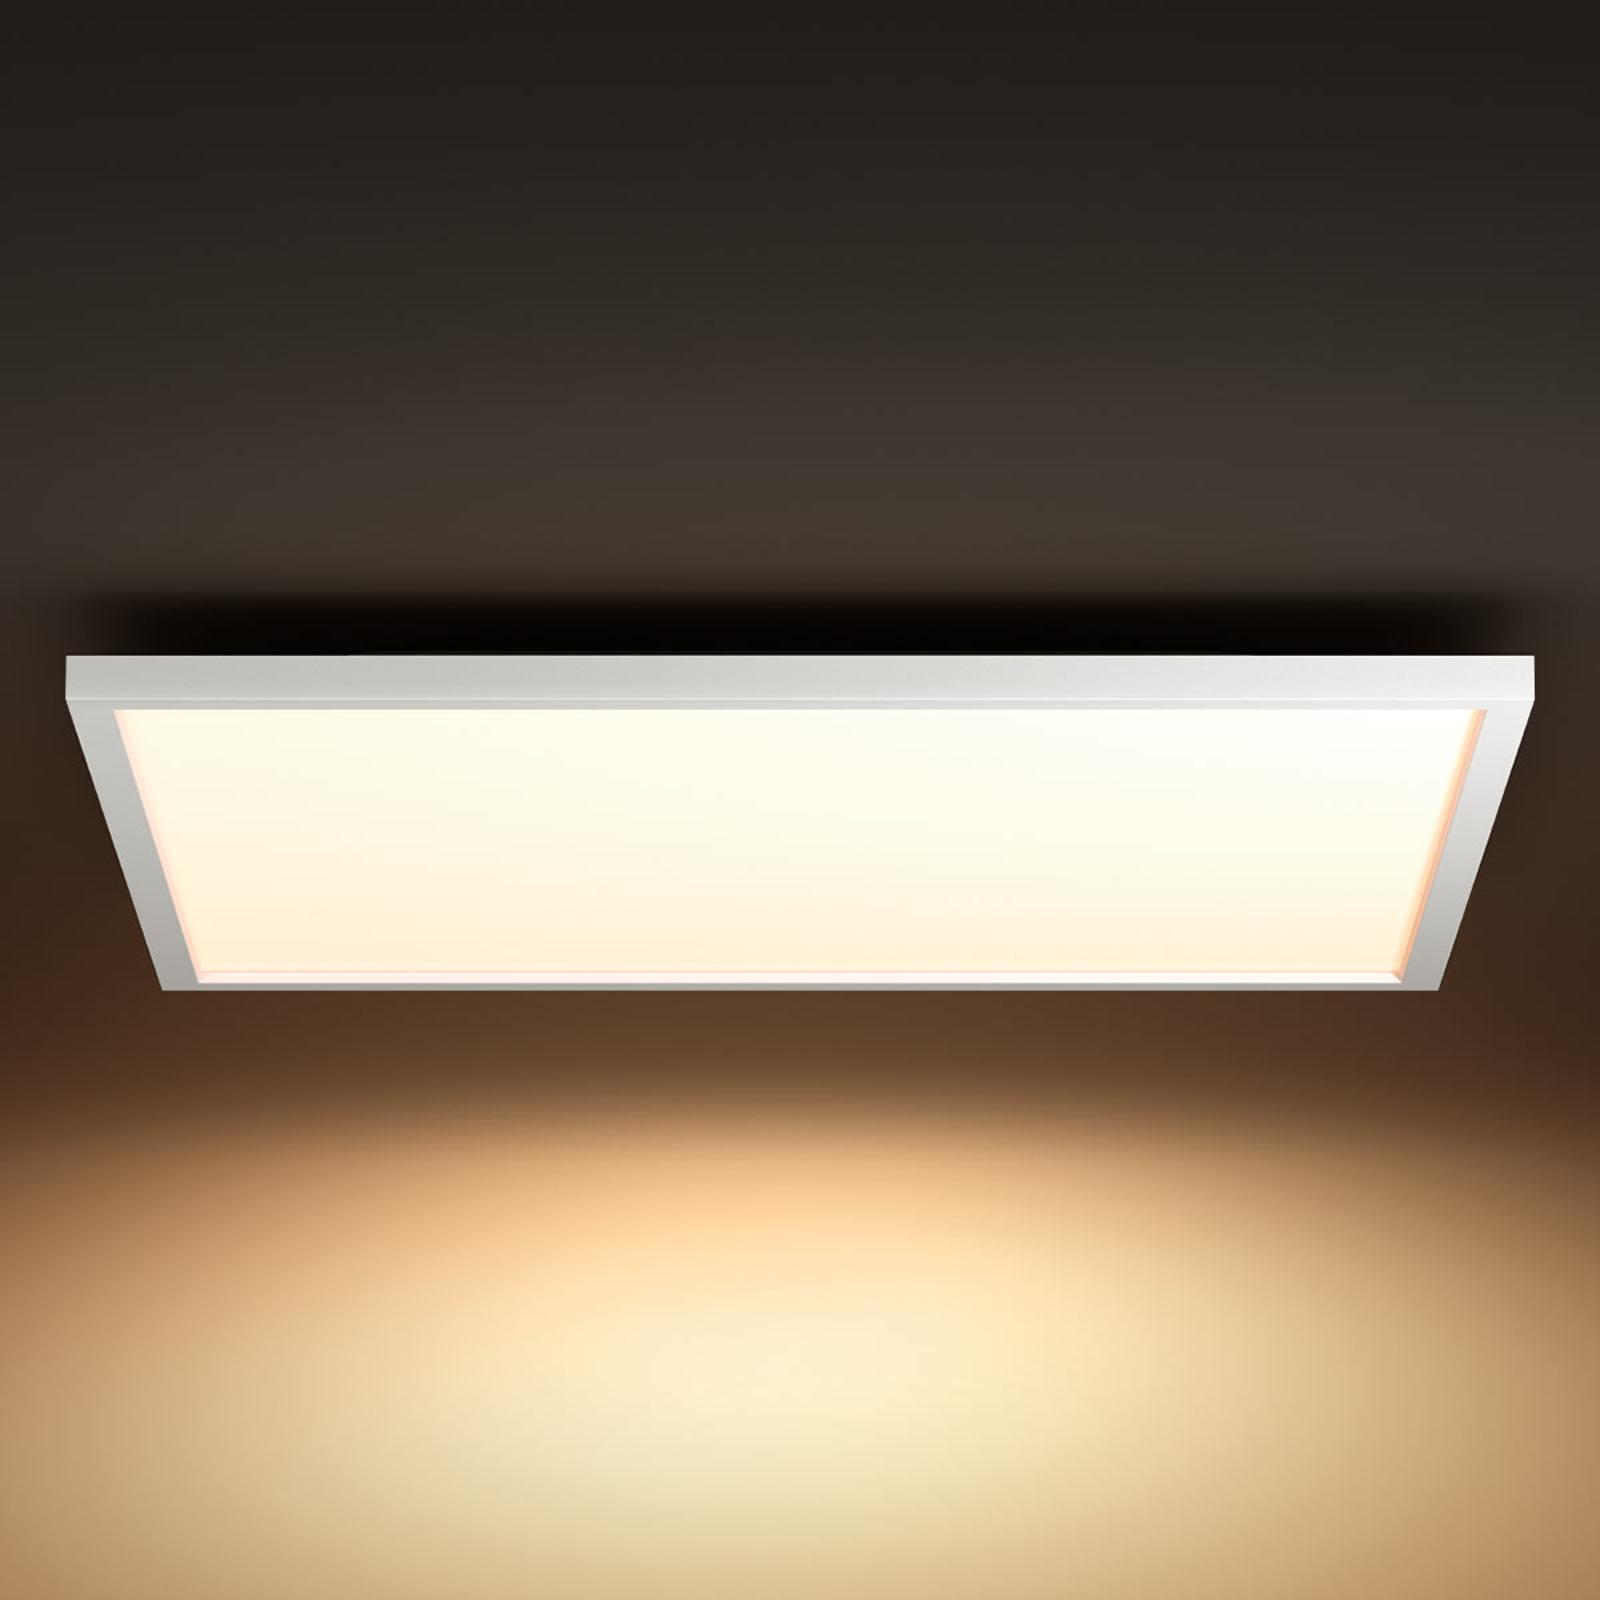 Philips Hue Aurelle LED-Panel eckig, 60 x 60 cm